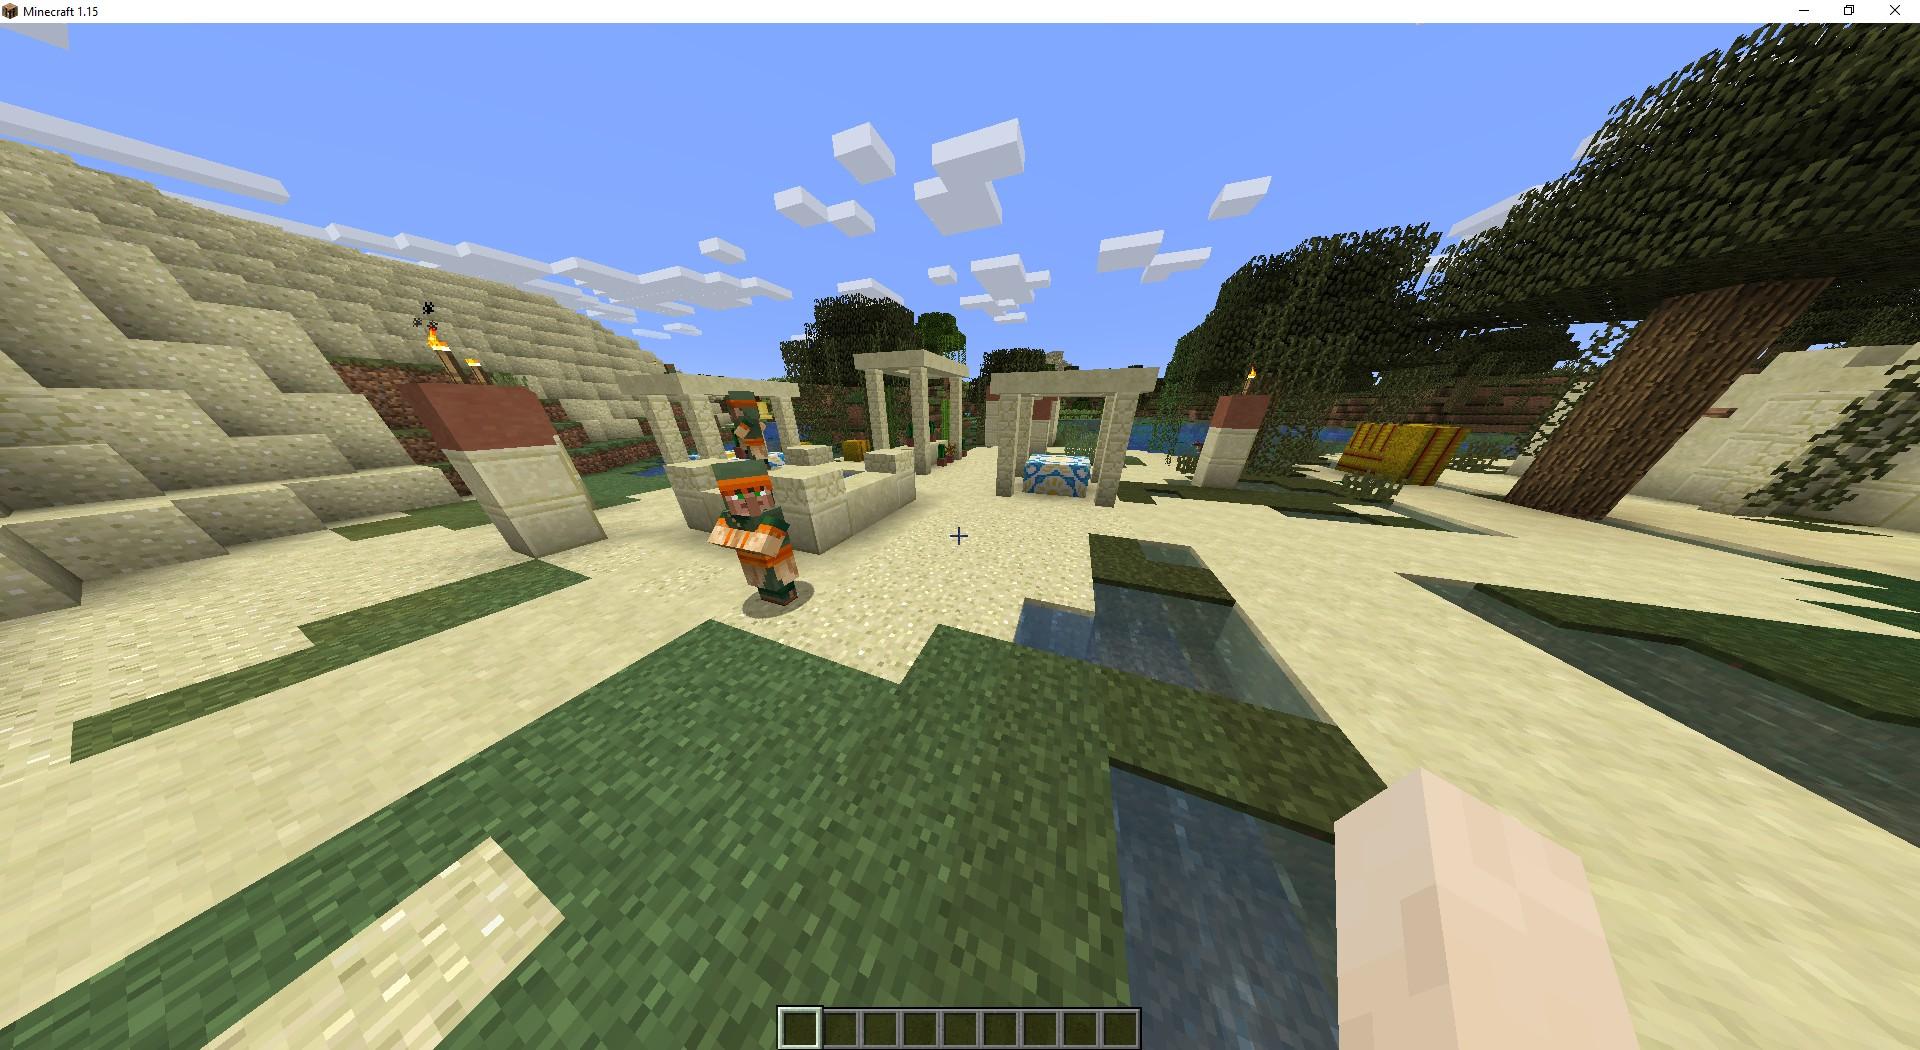 Сид «Деревня в пустыне и корабль» - скриншот 2